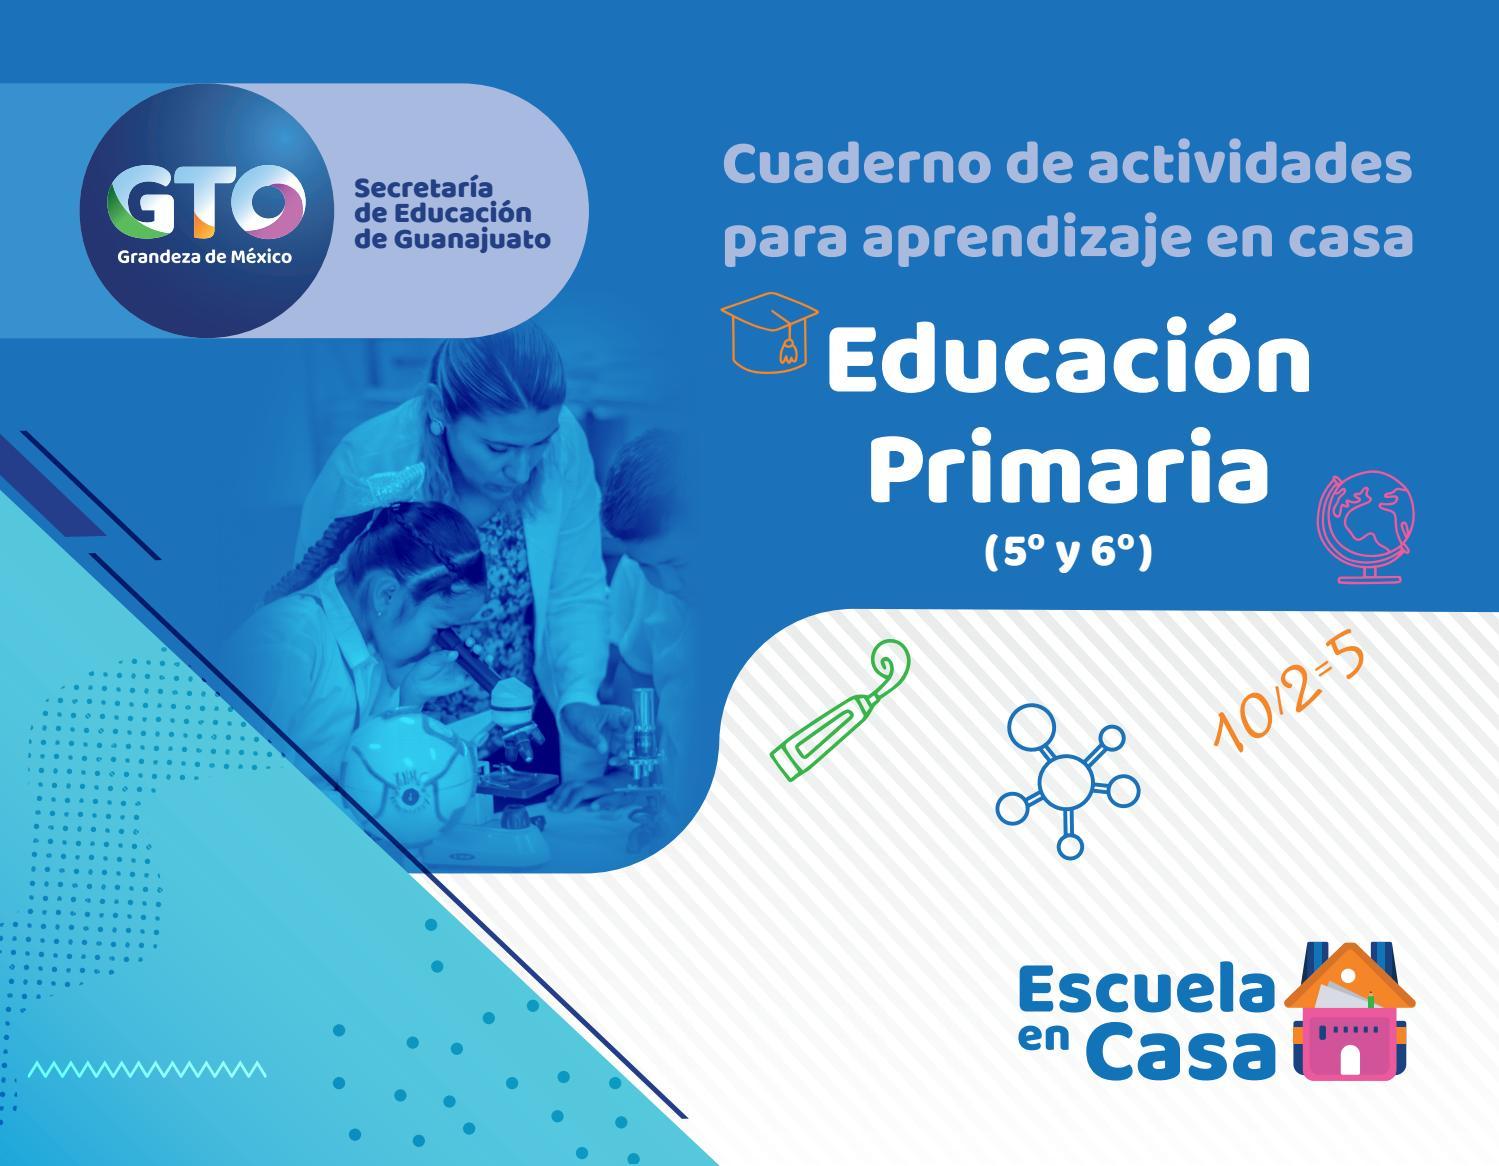 CUADERNO DE ACTIVIDADES PARA APRENDIZAJE EN CASA. Educación Primaria. Tercer  Ciclo. by Ismael Rodríguez Arias - issuu